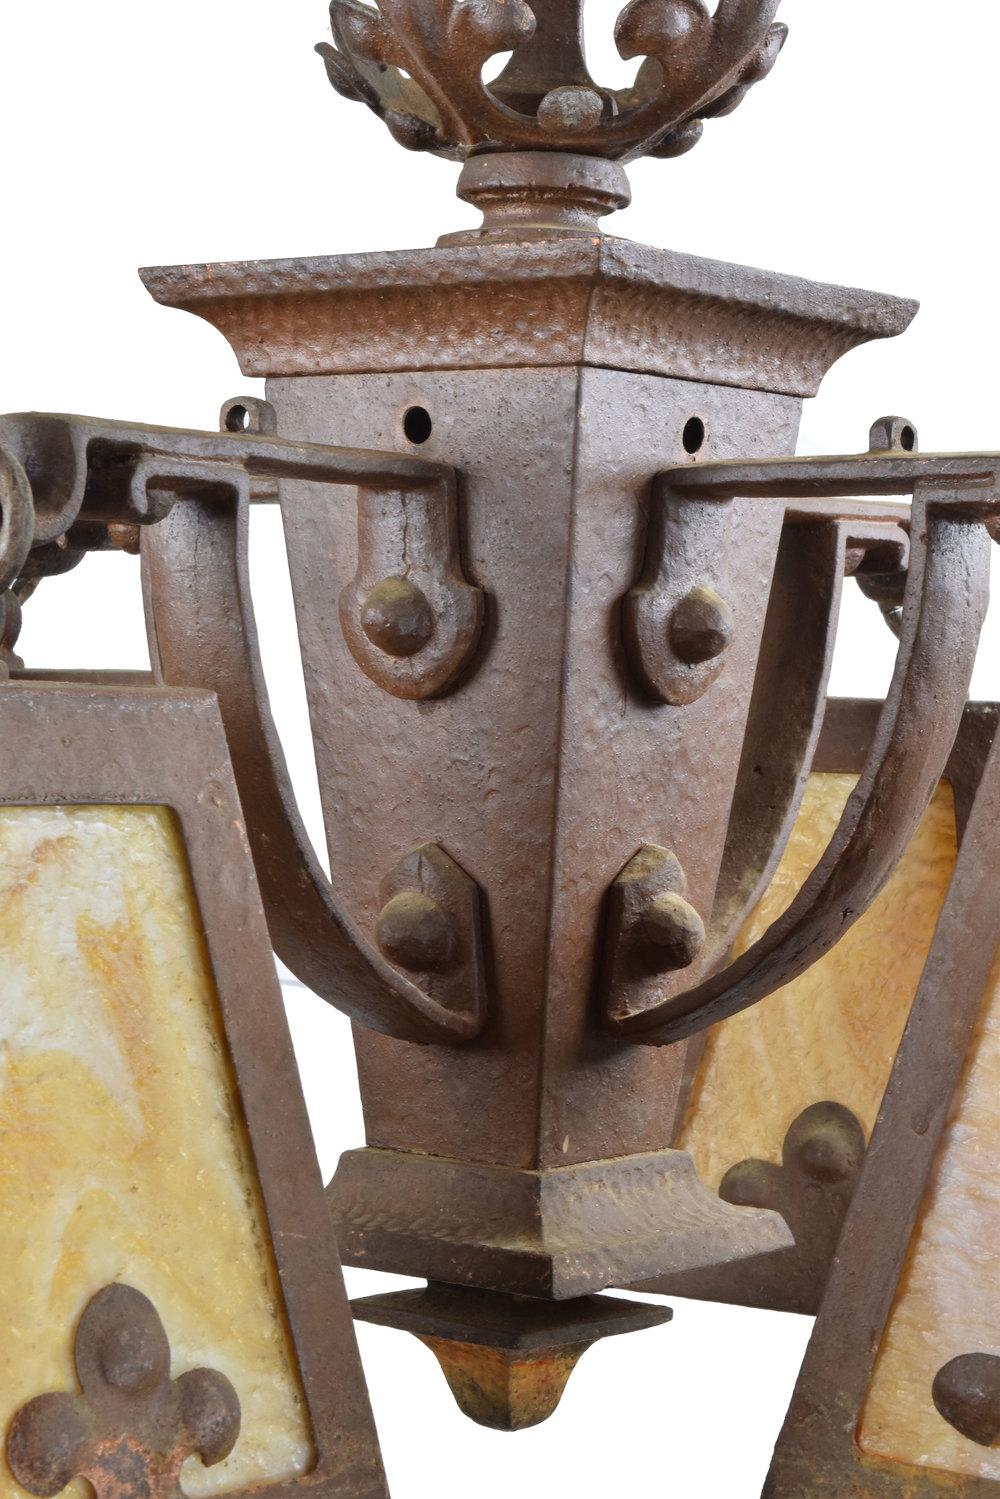 46998-hammered-iron-arc-chand-center-detail.jpg